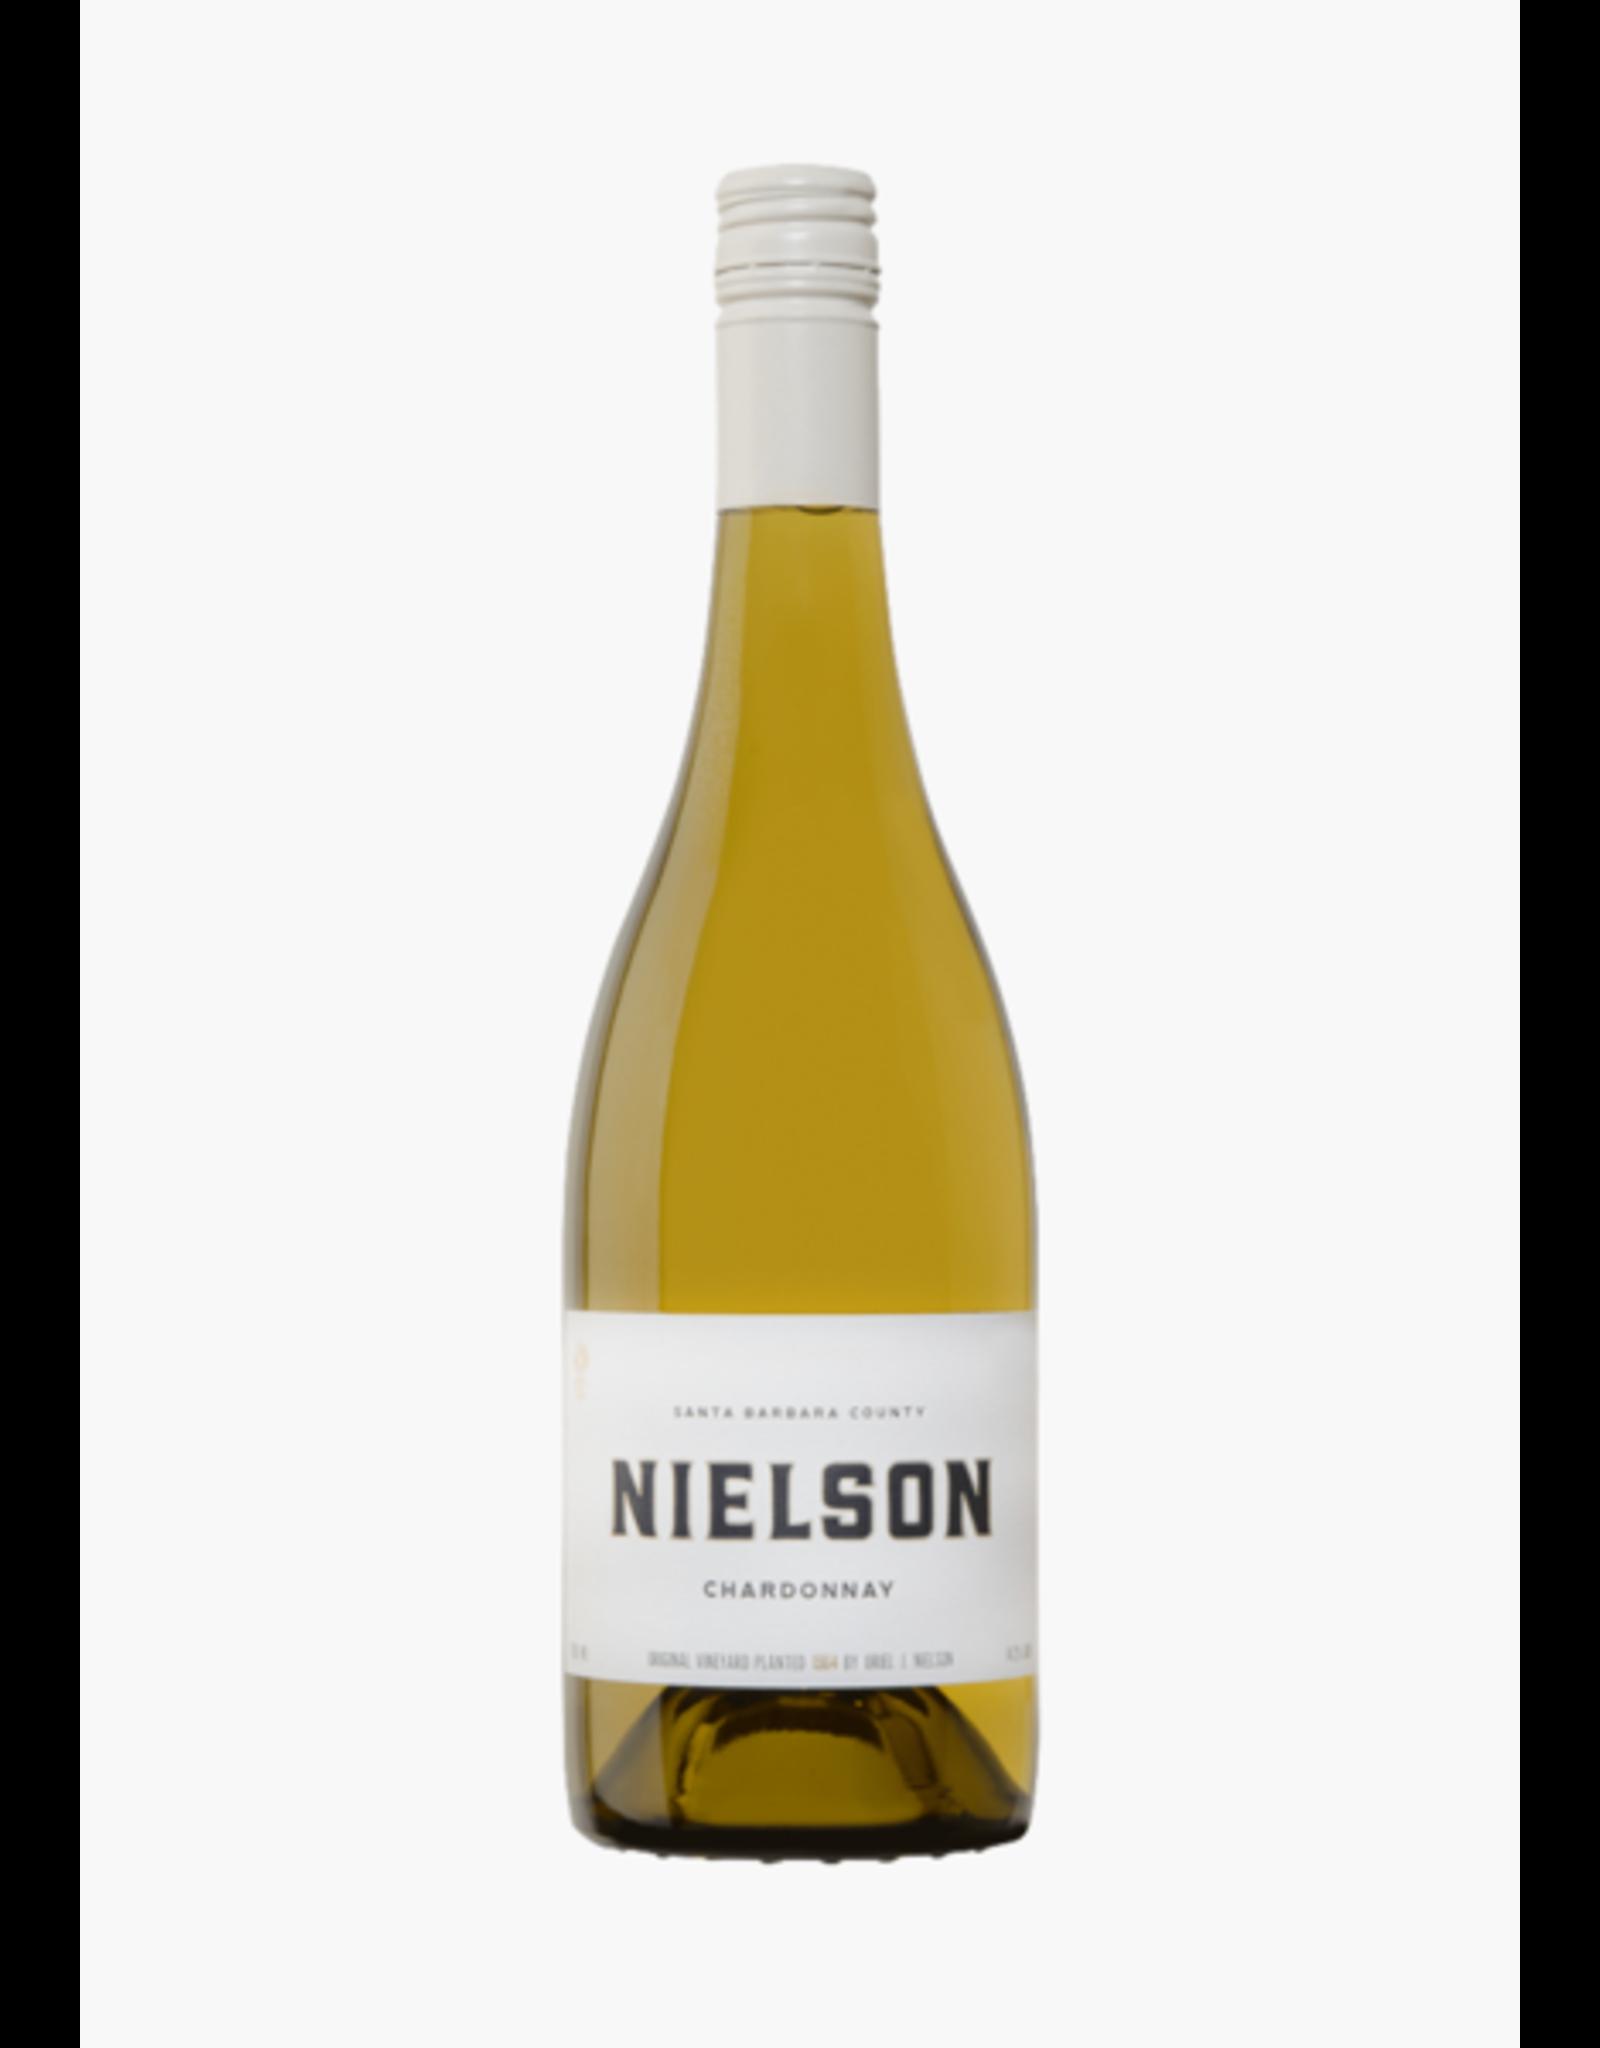 Nielson Chardonnay